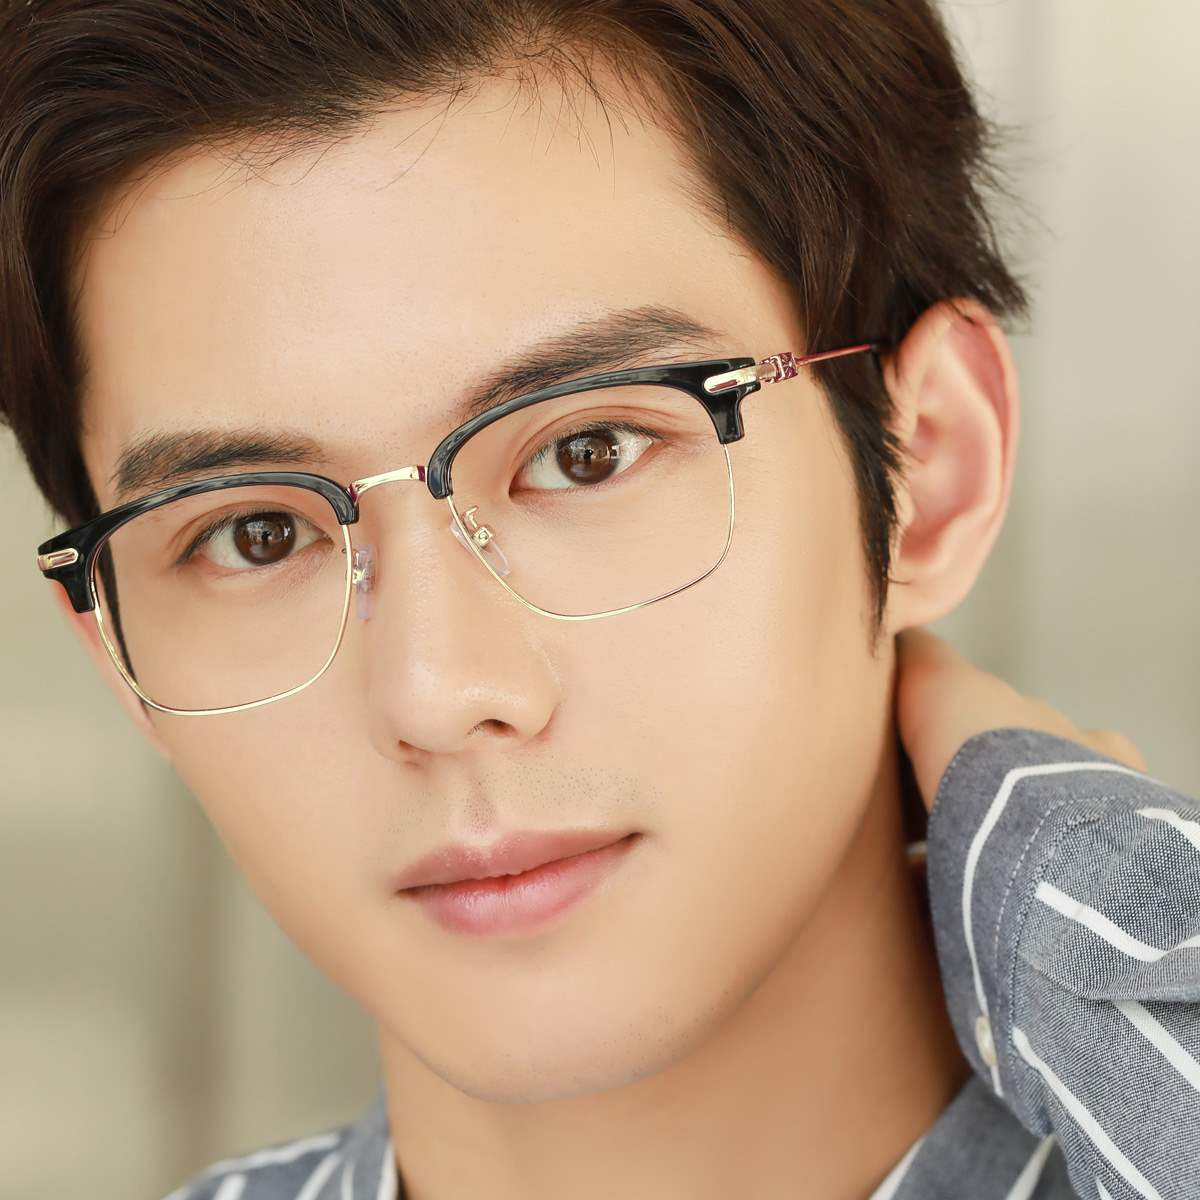 新款近视眼镜男复古纯钛全框眼睛框镜架成品配有度数眼镜近视镜潮